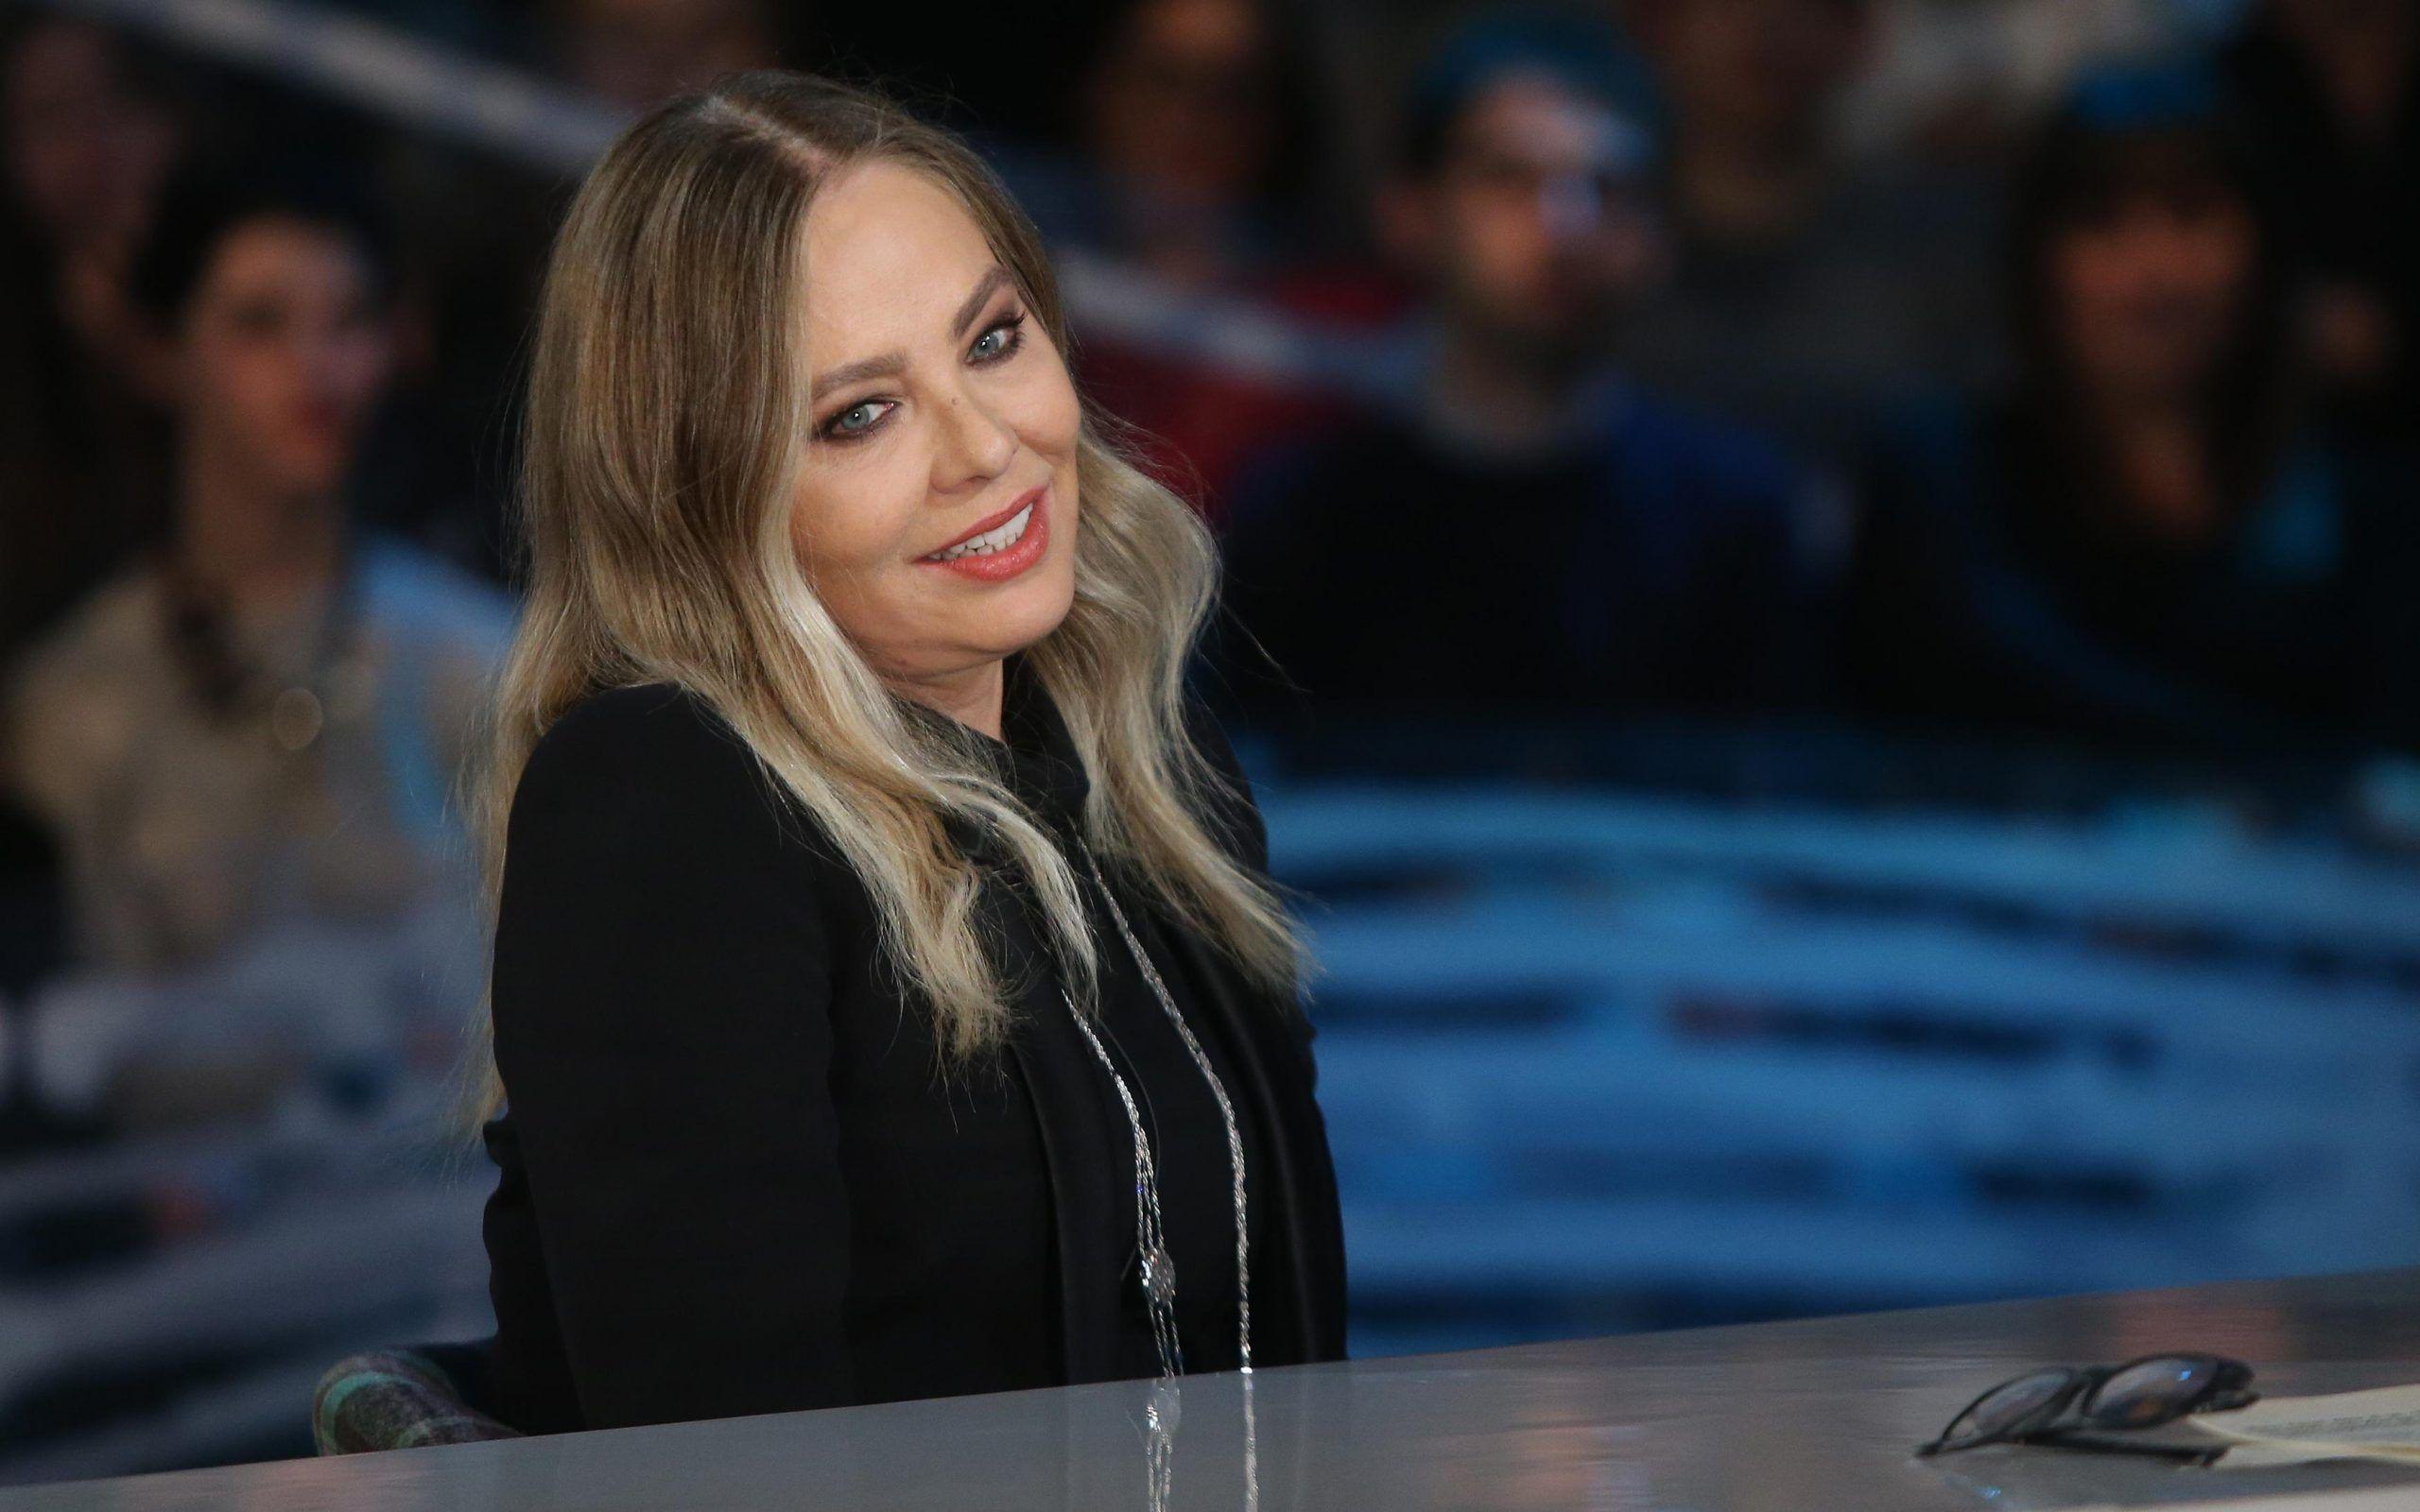 Ornella Muti sfrattata di casa, Naike Rivelli: 'Per fortuna abbiamo molti amici'